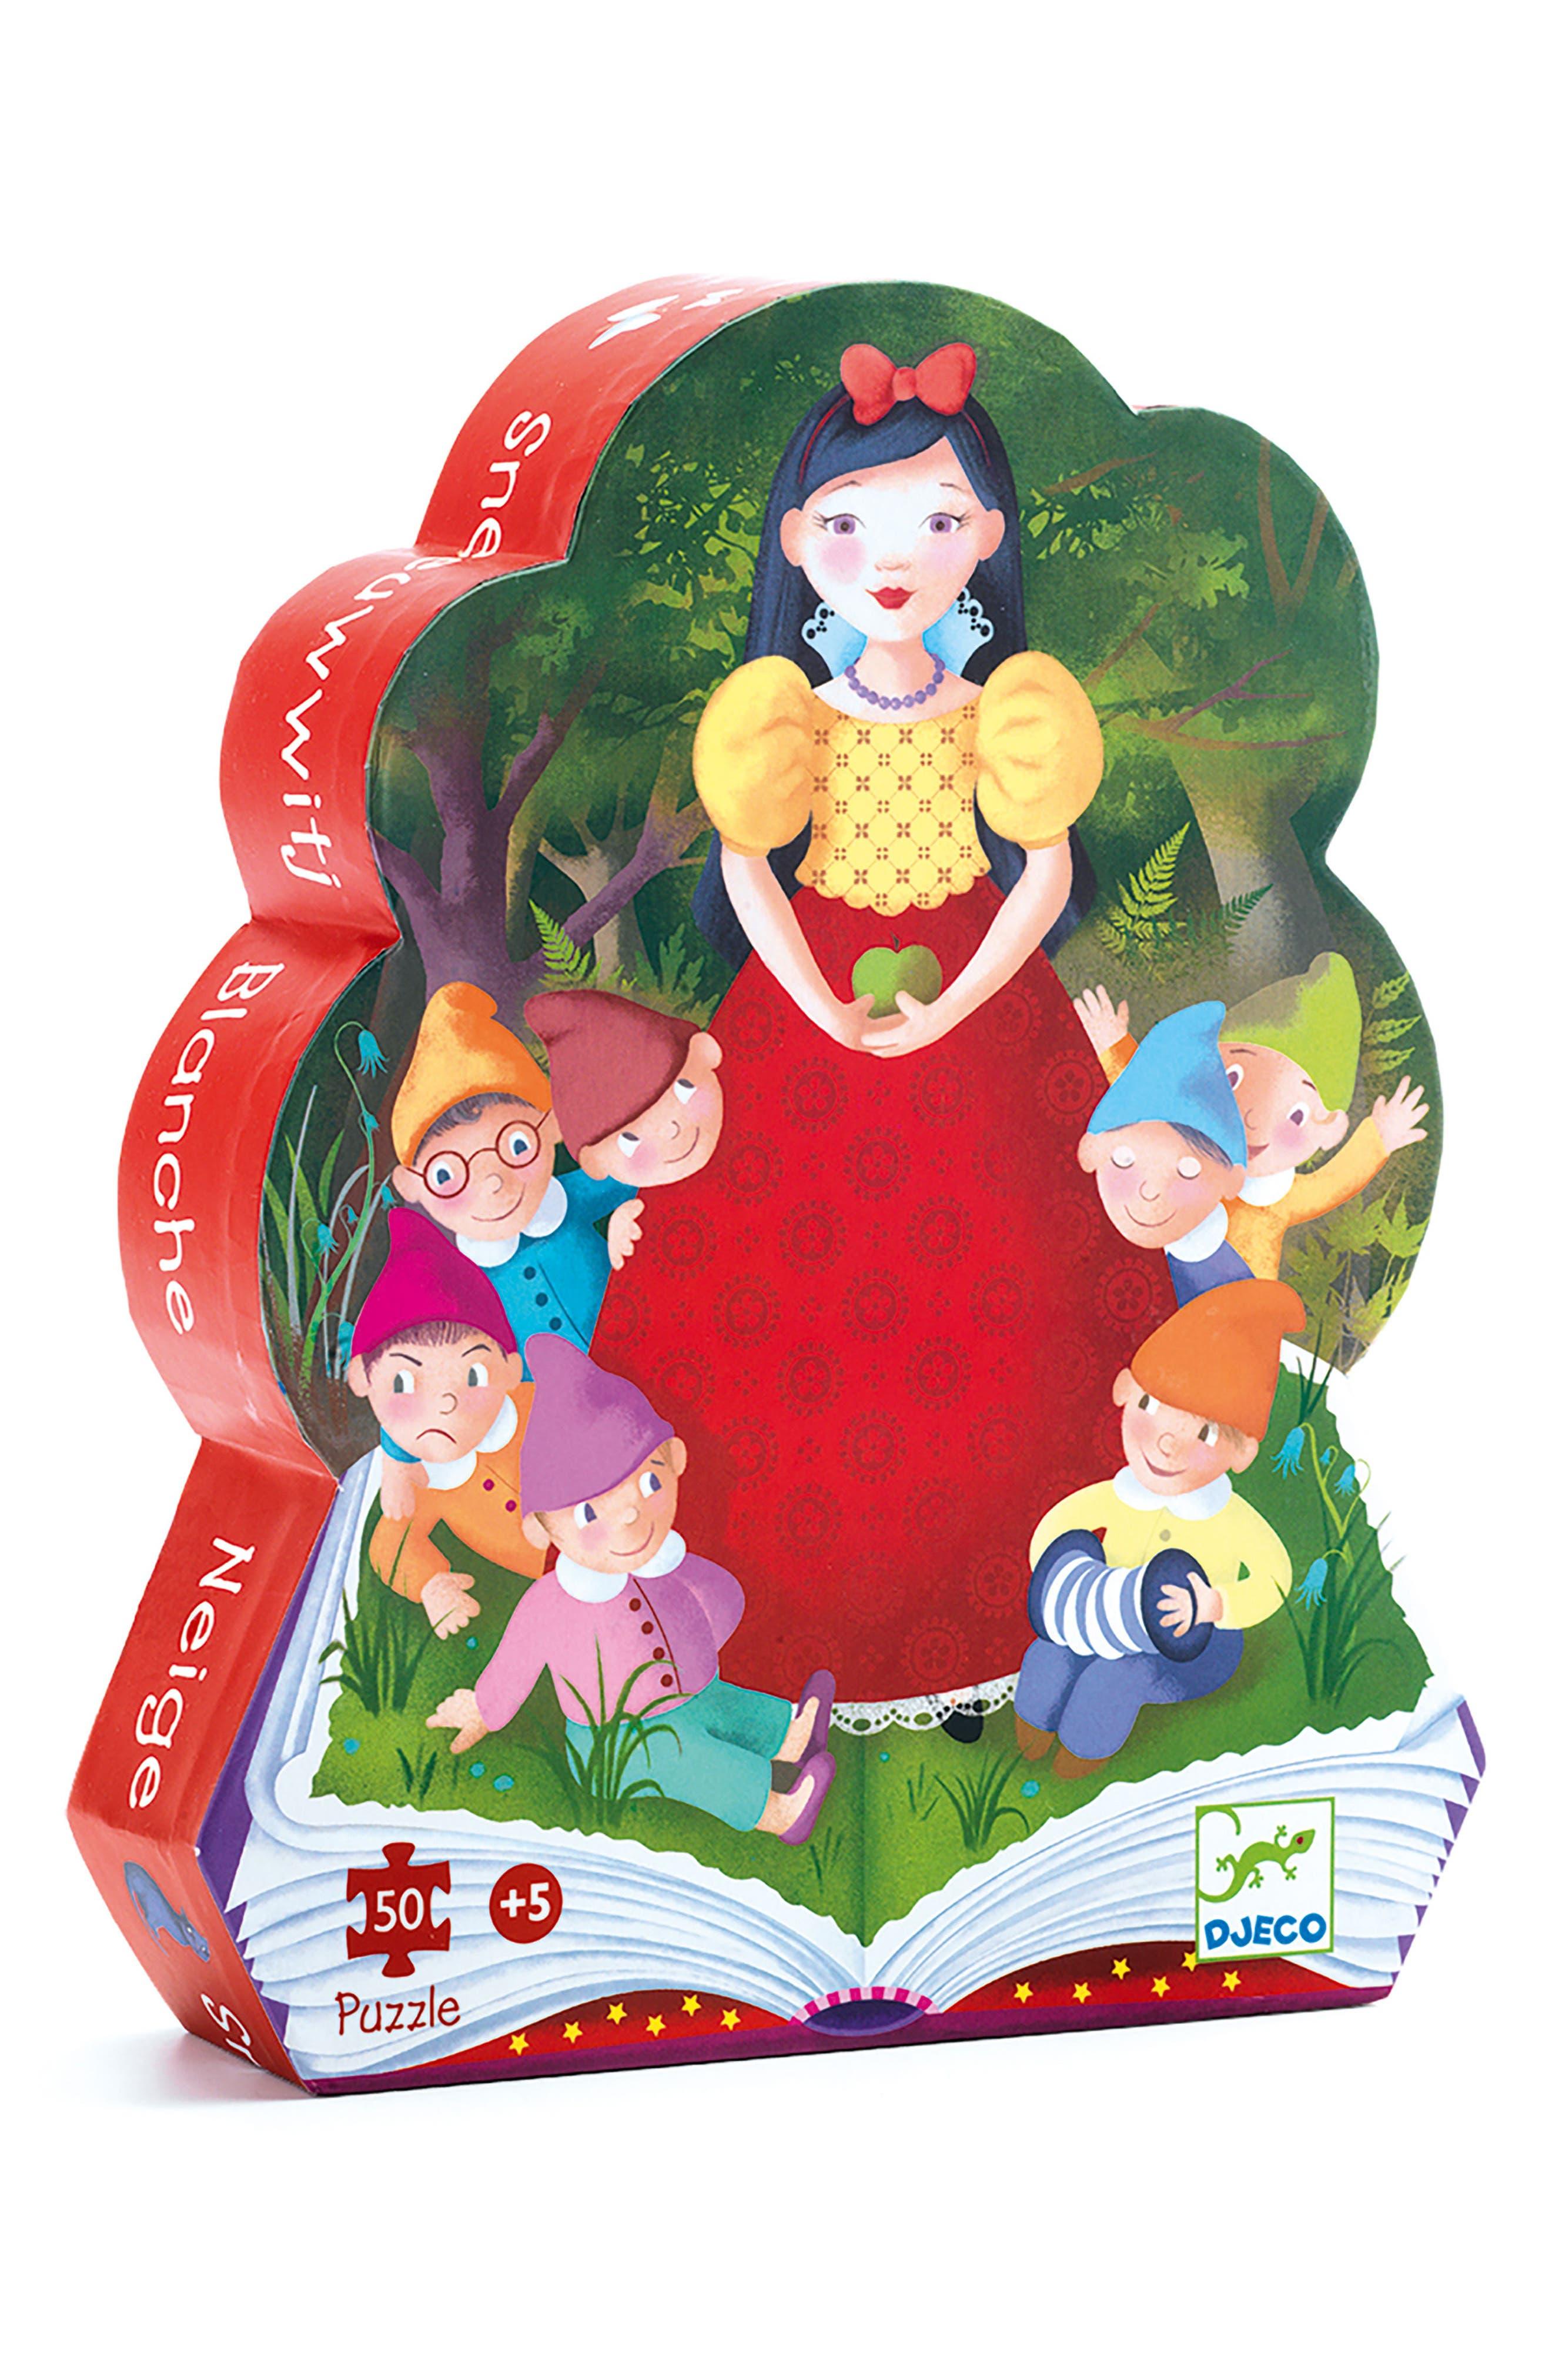 Silhouette Puzzles Snow White 50-Piece Puzzle,                             Main thumbnail 1, color,